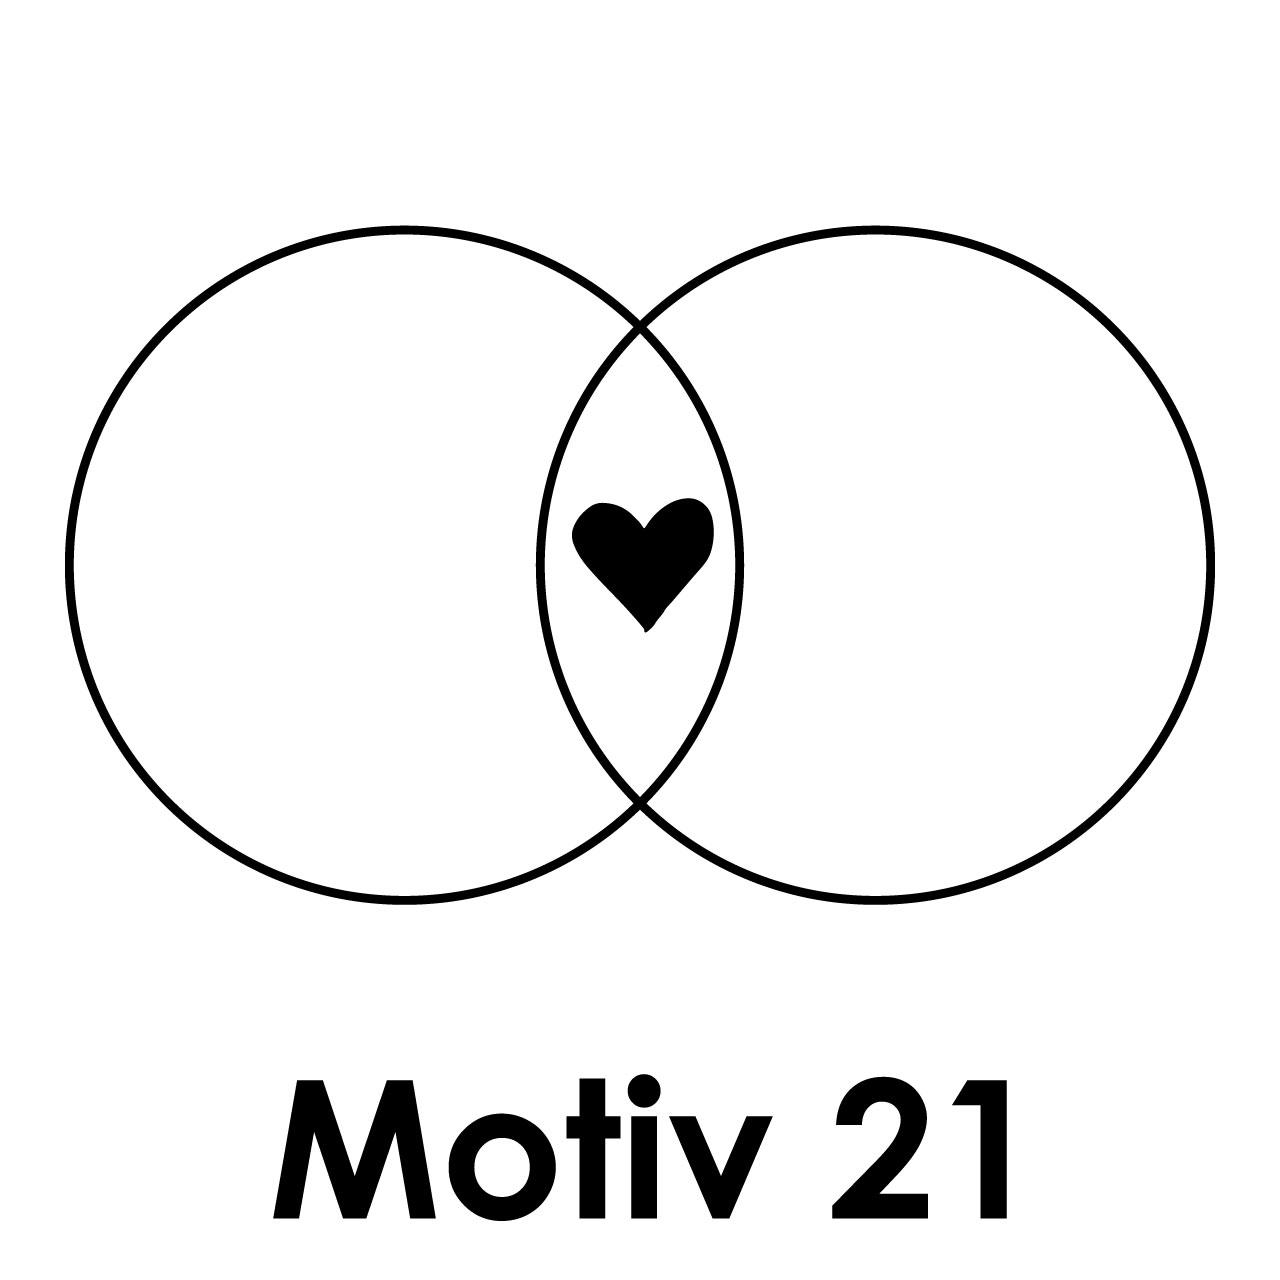 Motiv21